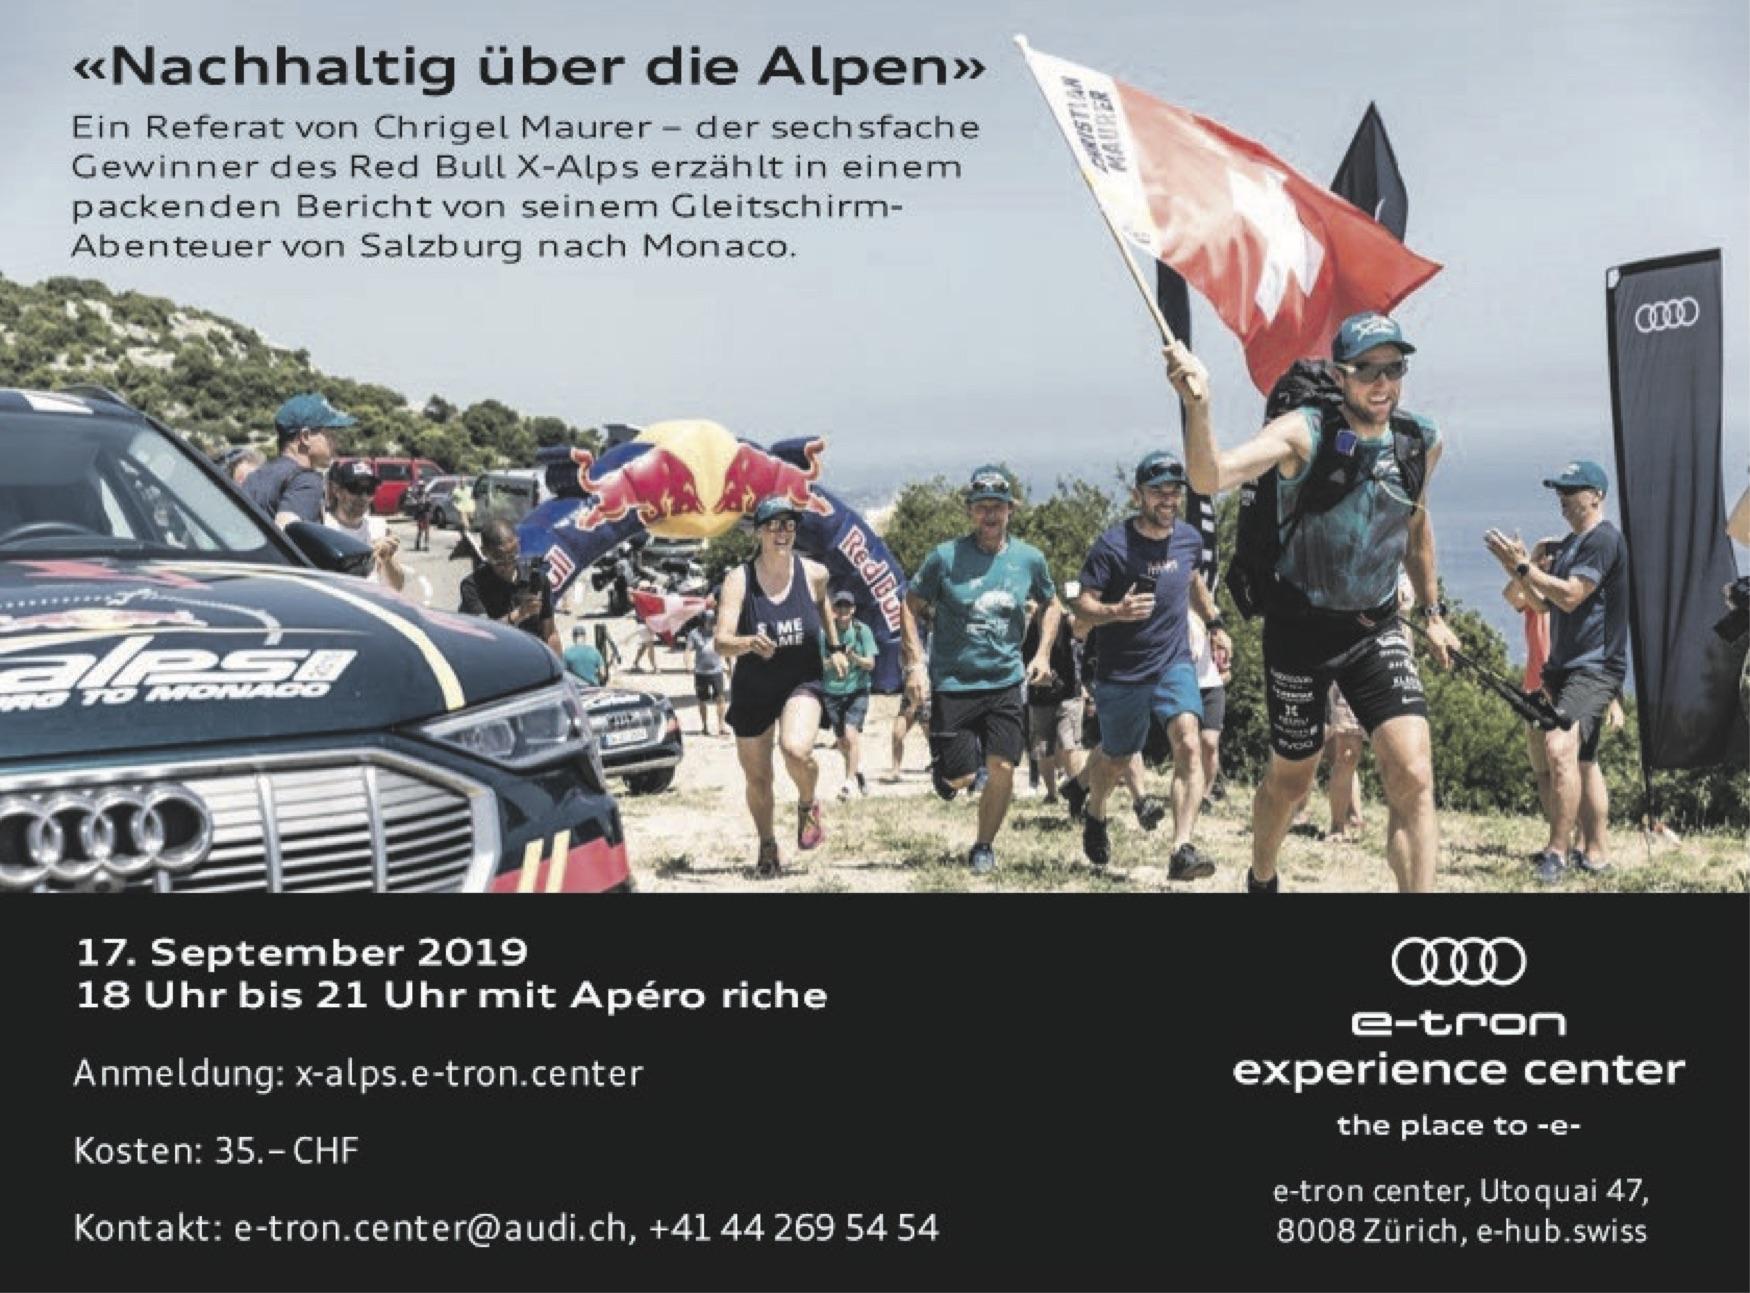 audi_etron_alpen_event_einladung